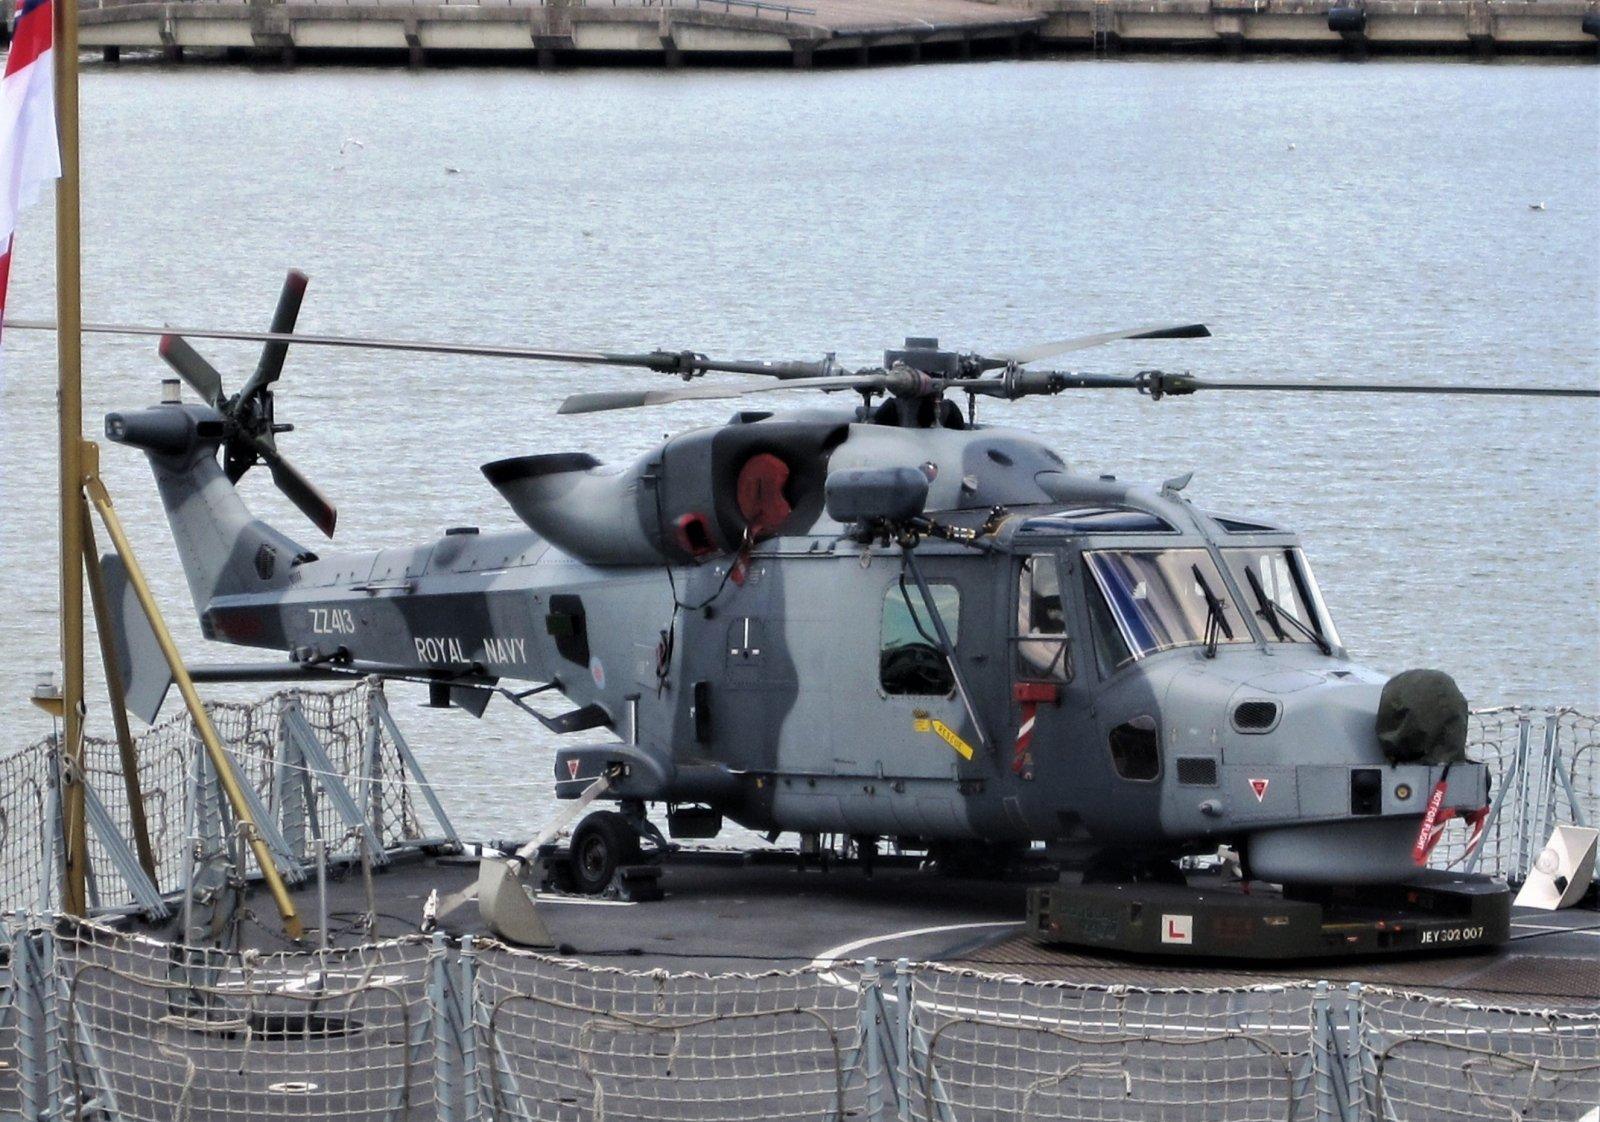 westland lynx Turun satamassa olevan HMS Montrosen kannella.